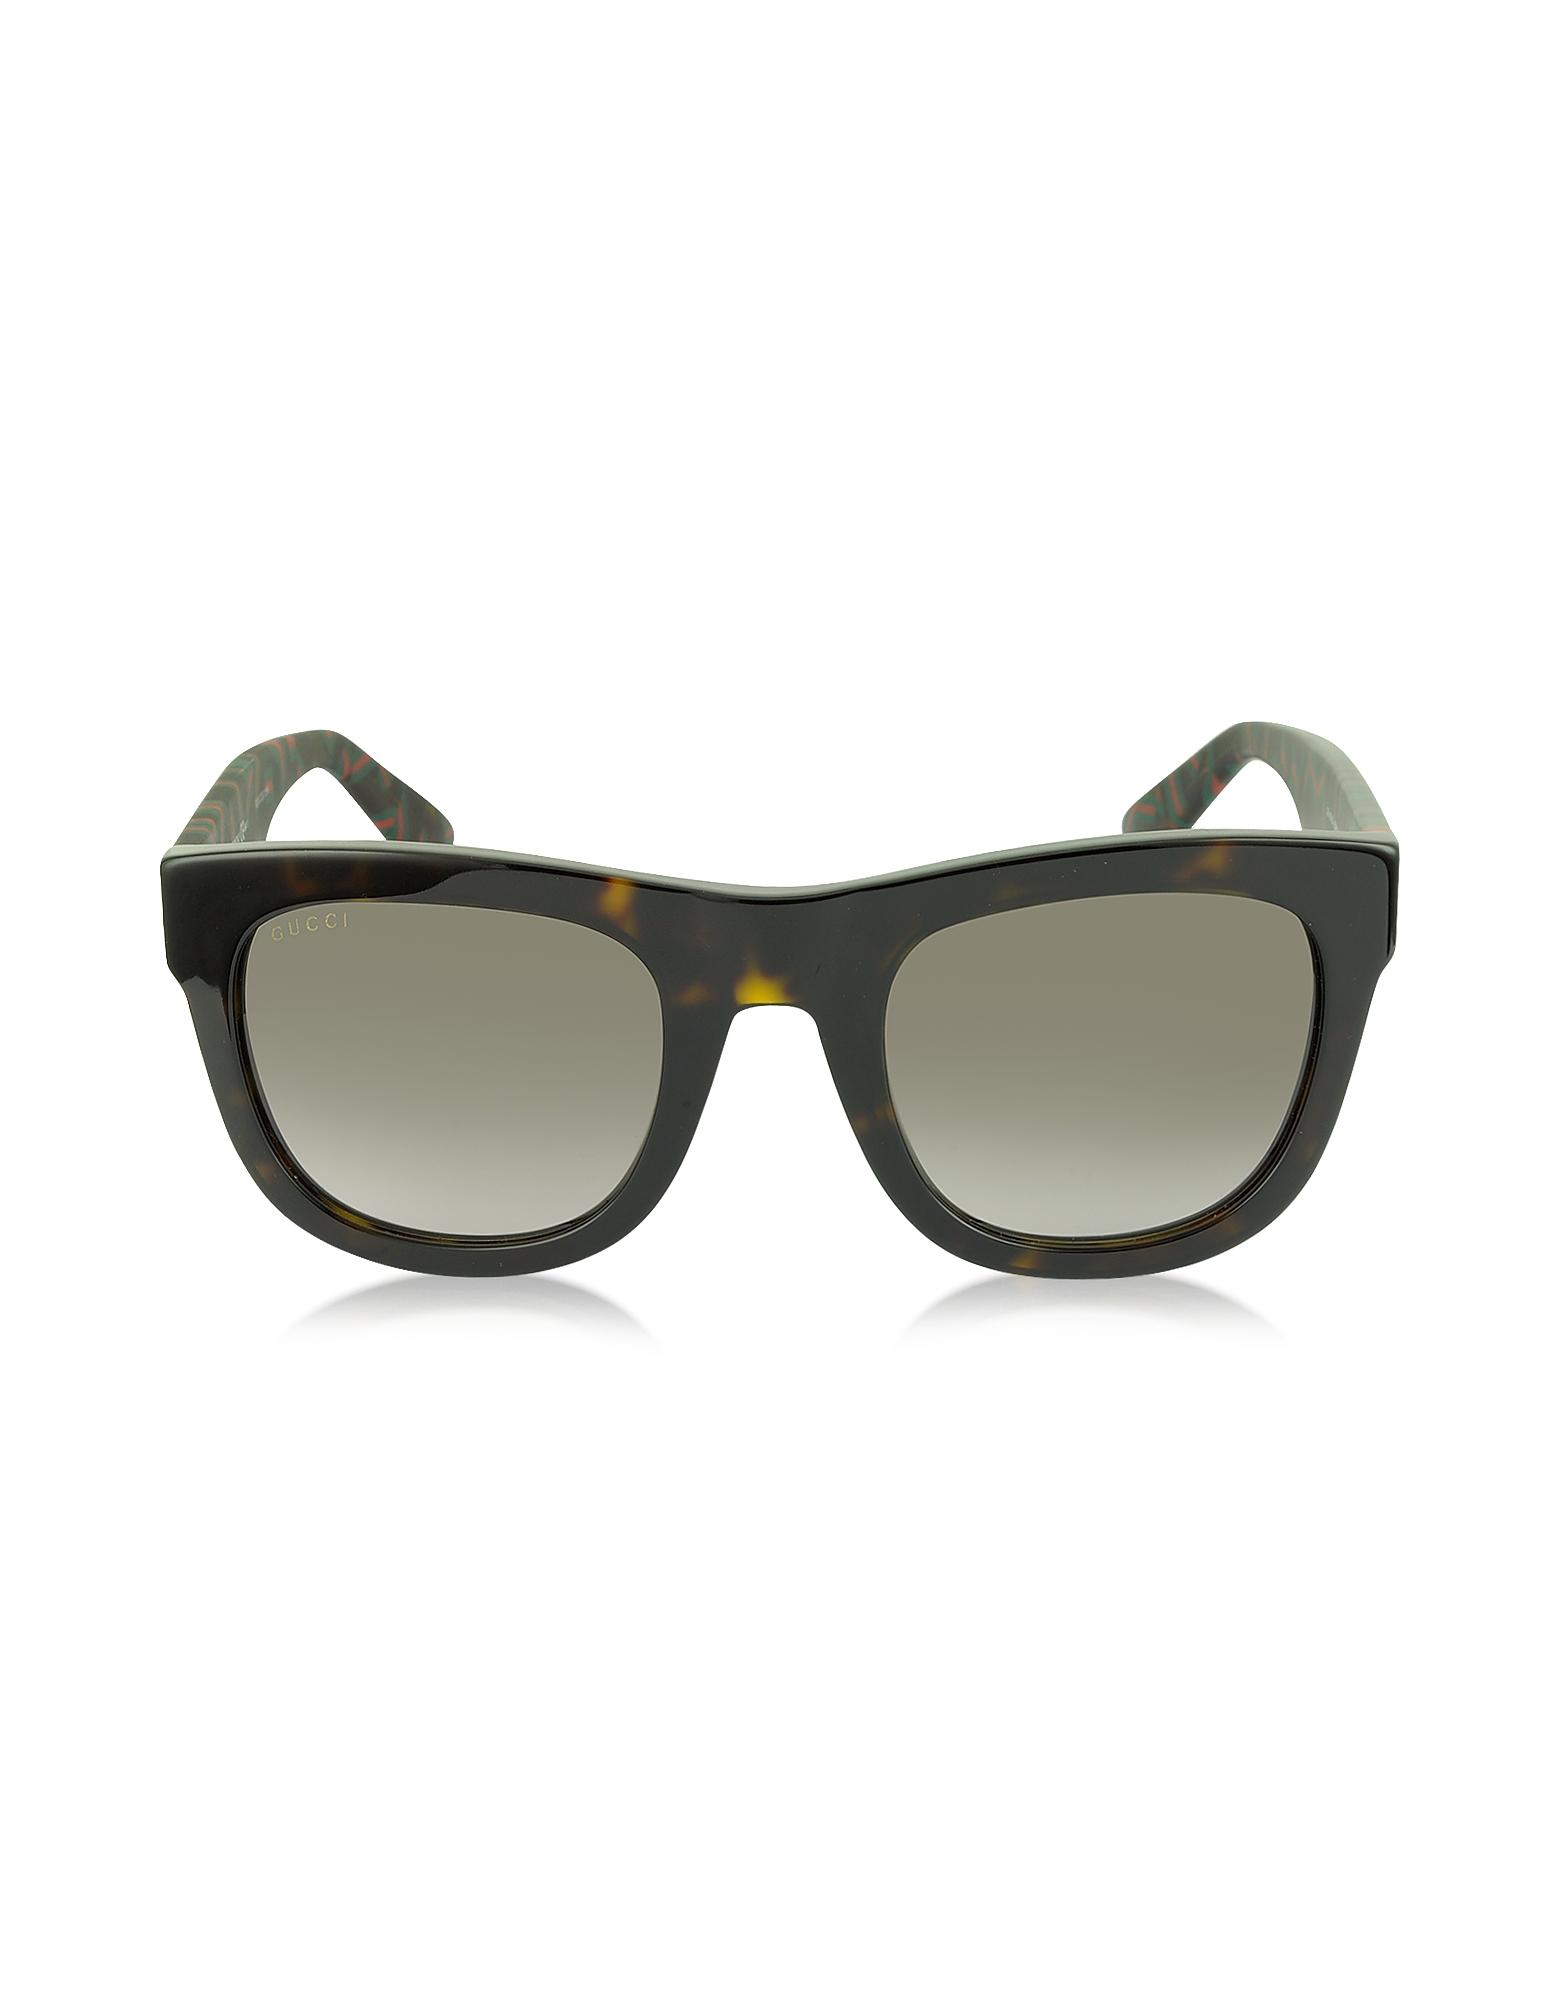 Gucci GG 1100/S H30HA - Солнечные Очки в Прямоугольной Темной Прямоугольной Оправе Гавана с Красной и Зеленой Паутиной